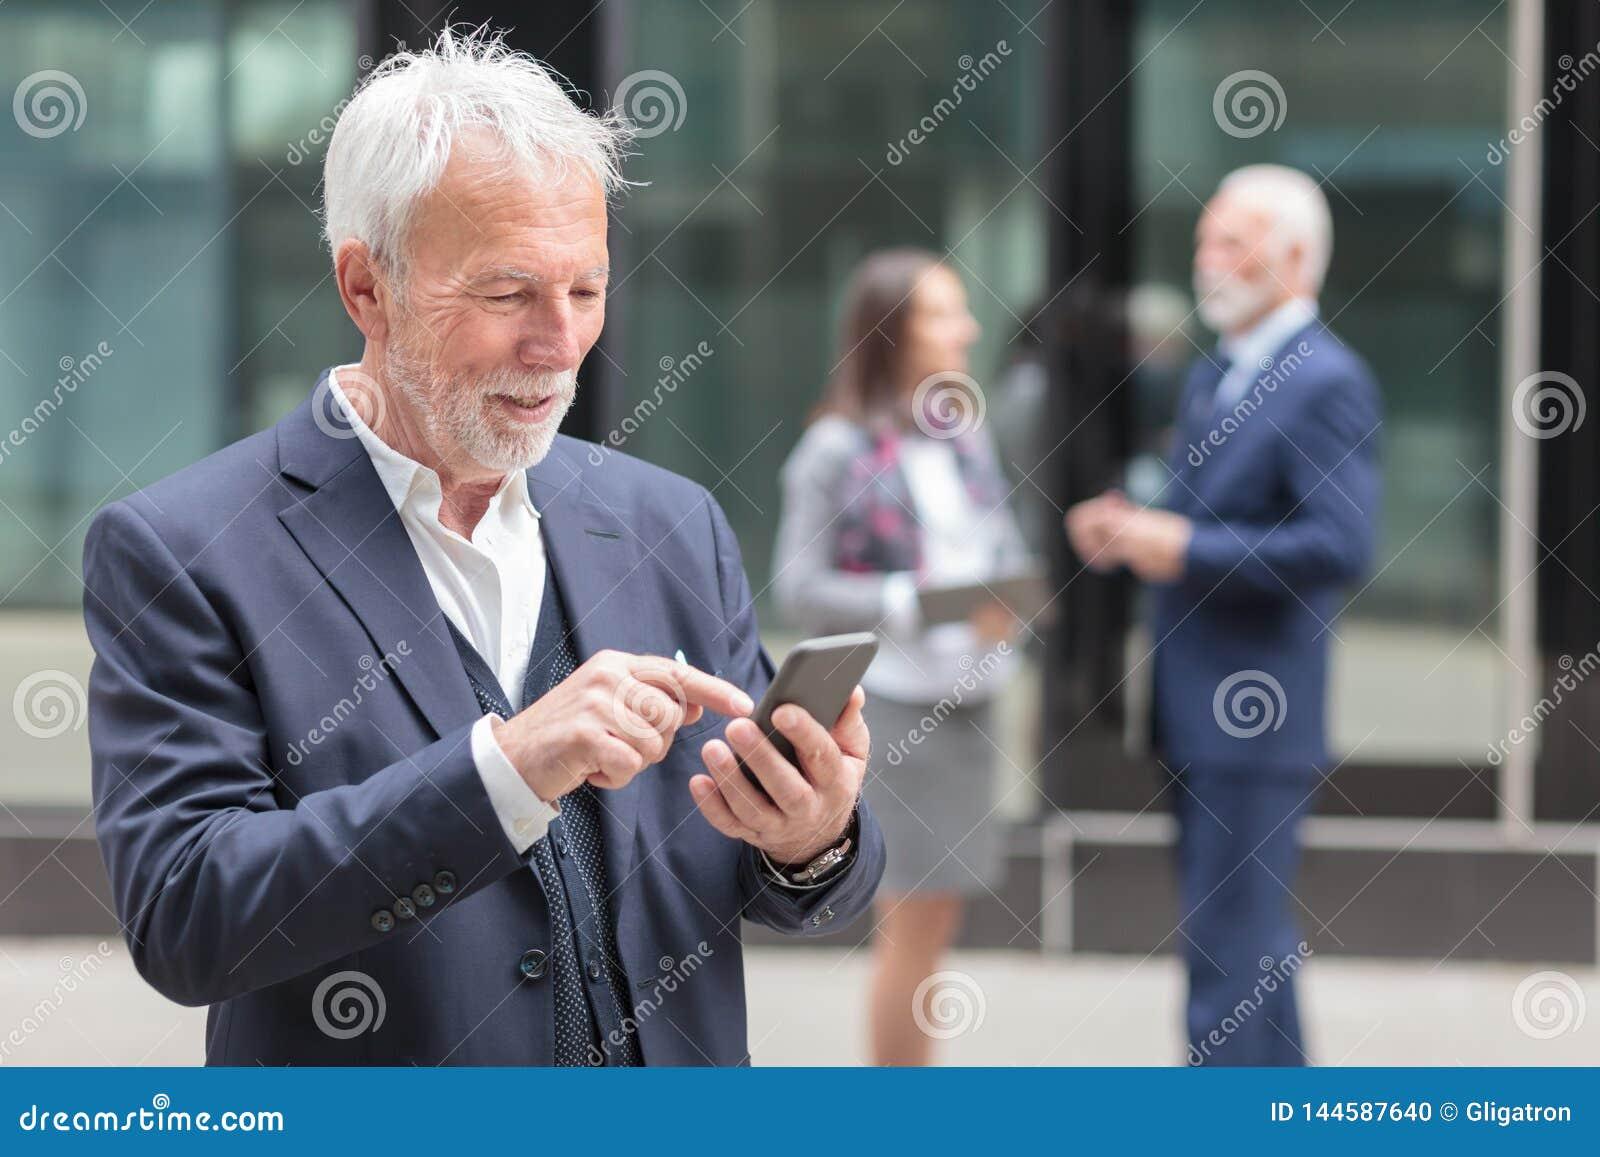 愉快的资深商人浏览互联网或传讯在智能手机